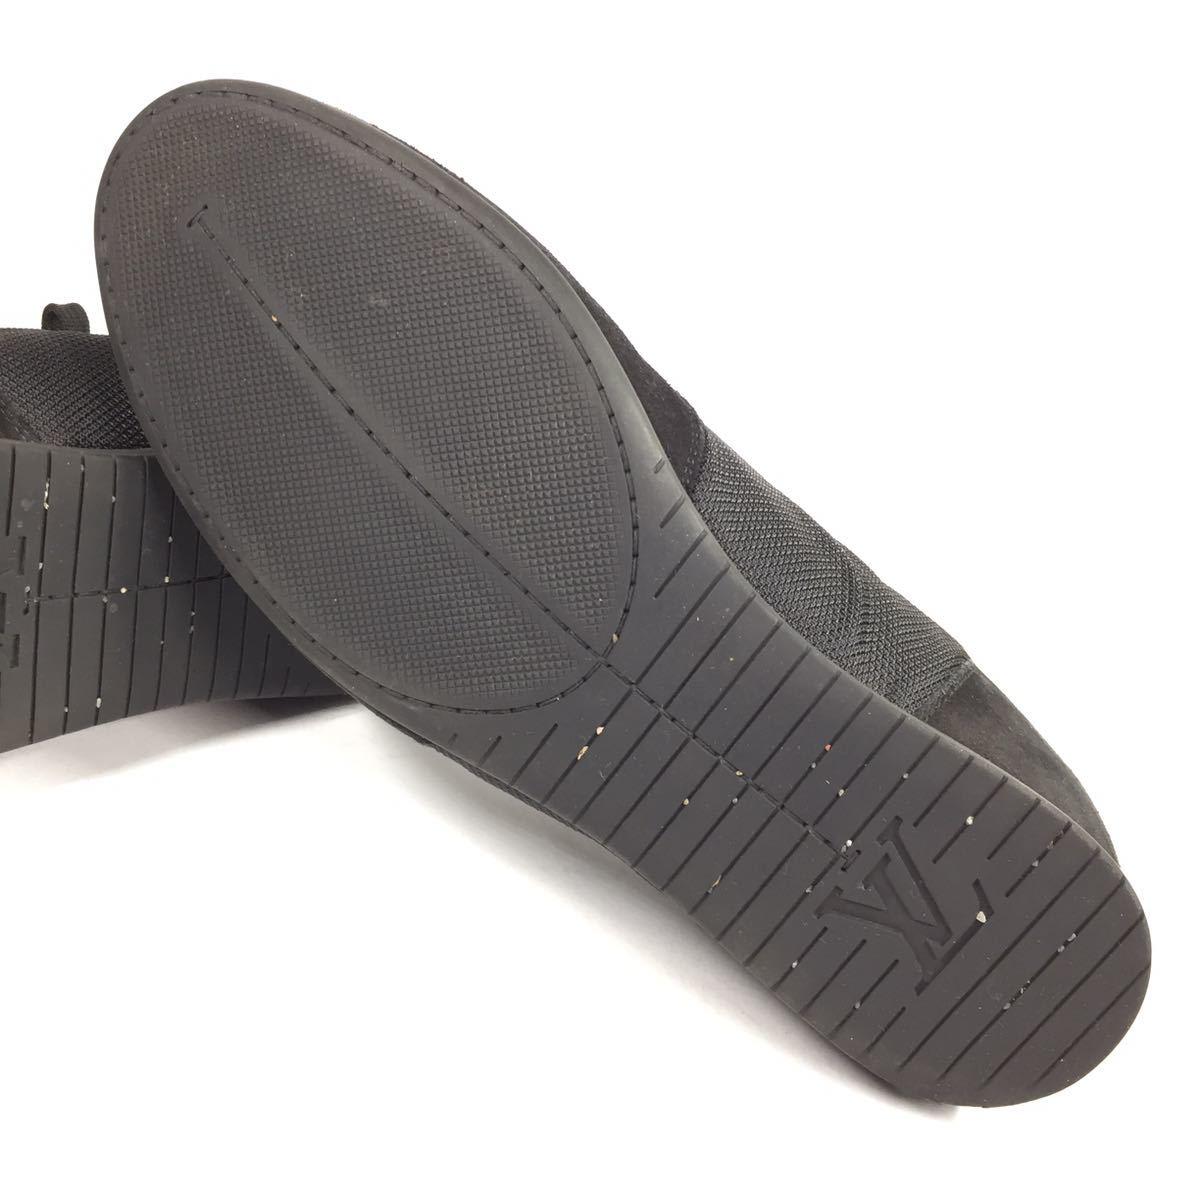 【ルイヴィトン】本物 LOUIS VUITTON 靴 26cm 黒色系 LVロゴ スニーカー カジュアルシューズ スエード 男性用 メンズ イタリア製 7_画像5